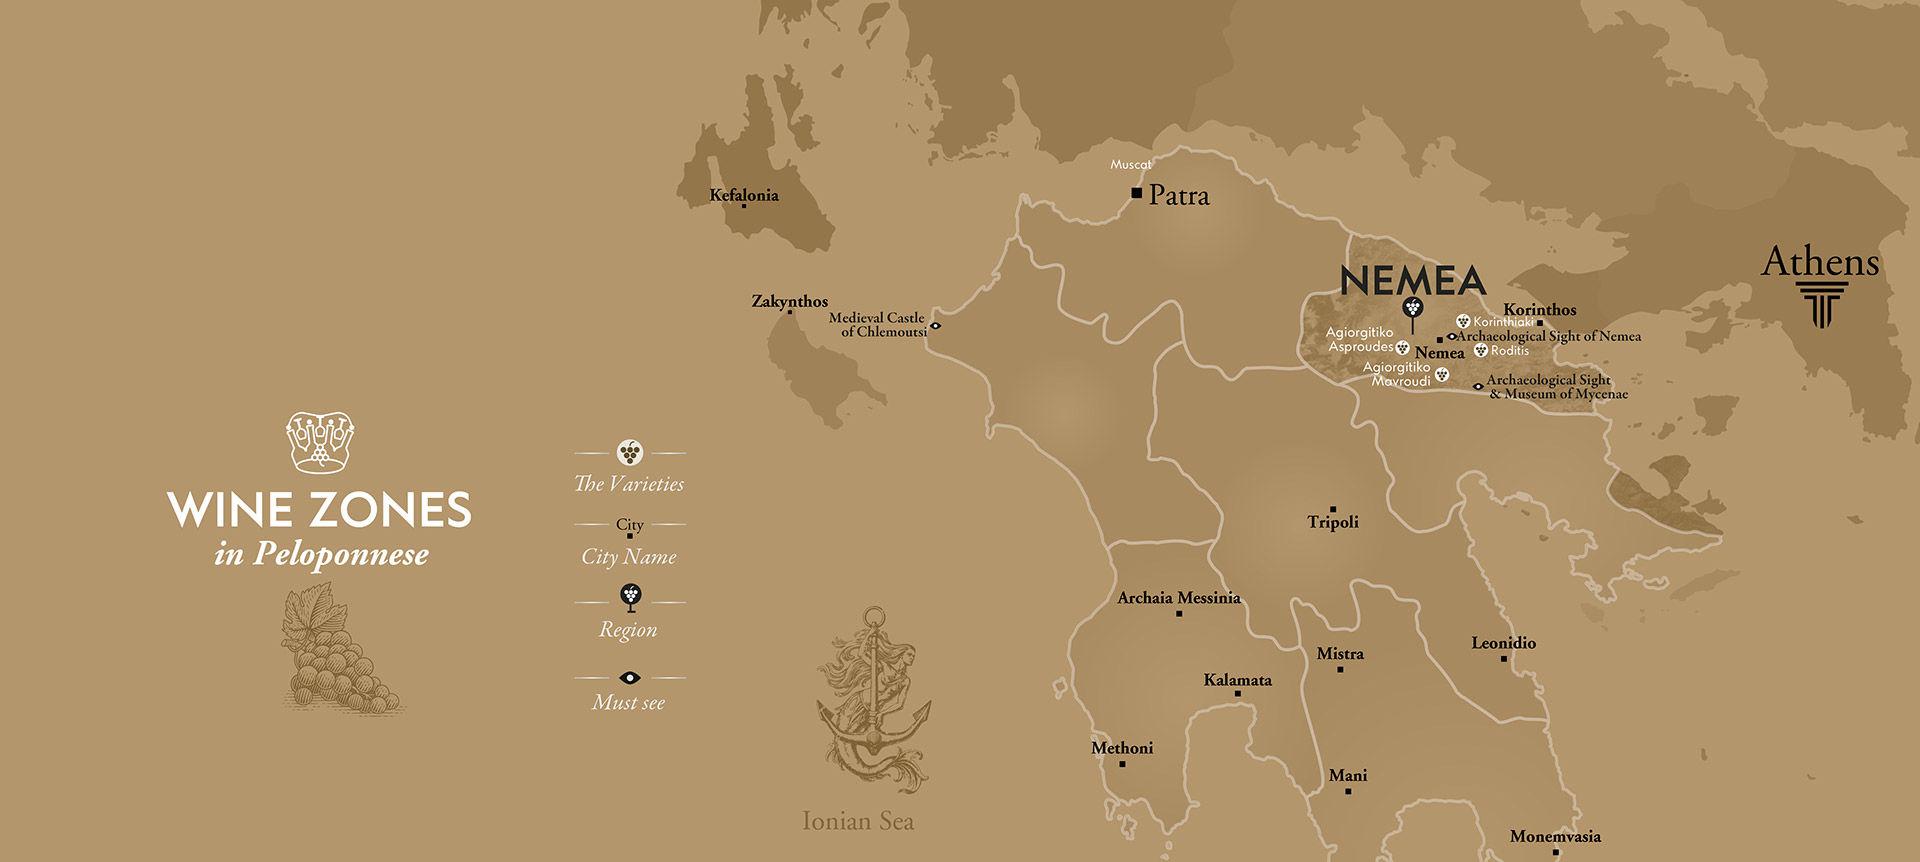 Peloponesse wines, Nemea wines, Nemea wineries, Agiorgitiko wine, visit Nemea, wine tour of Greece, Athens wine tour